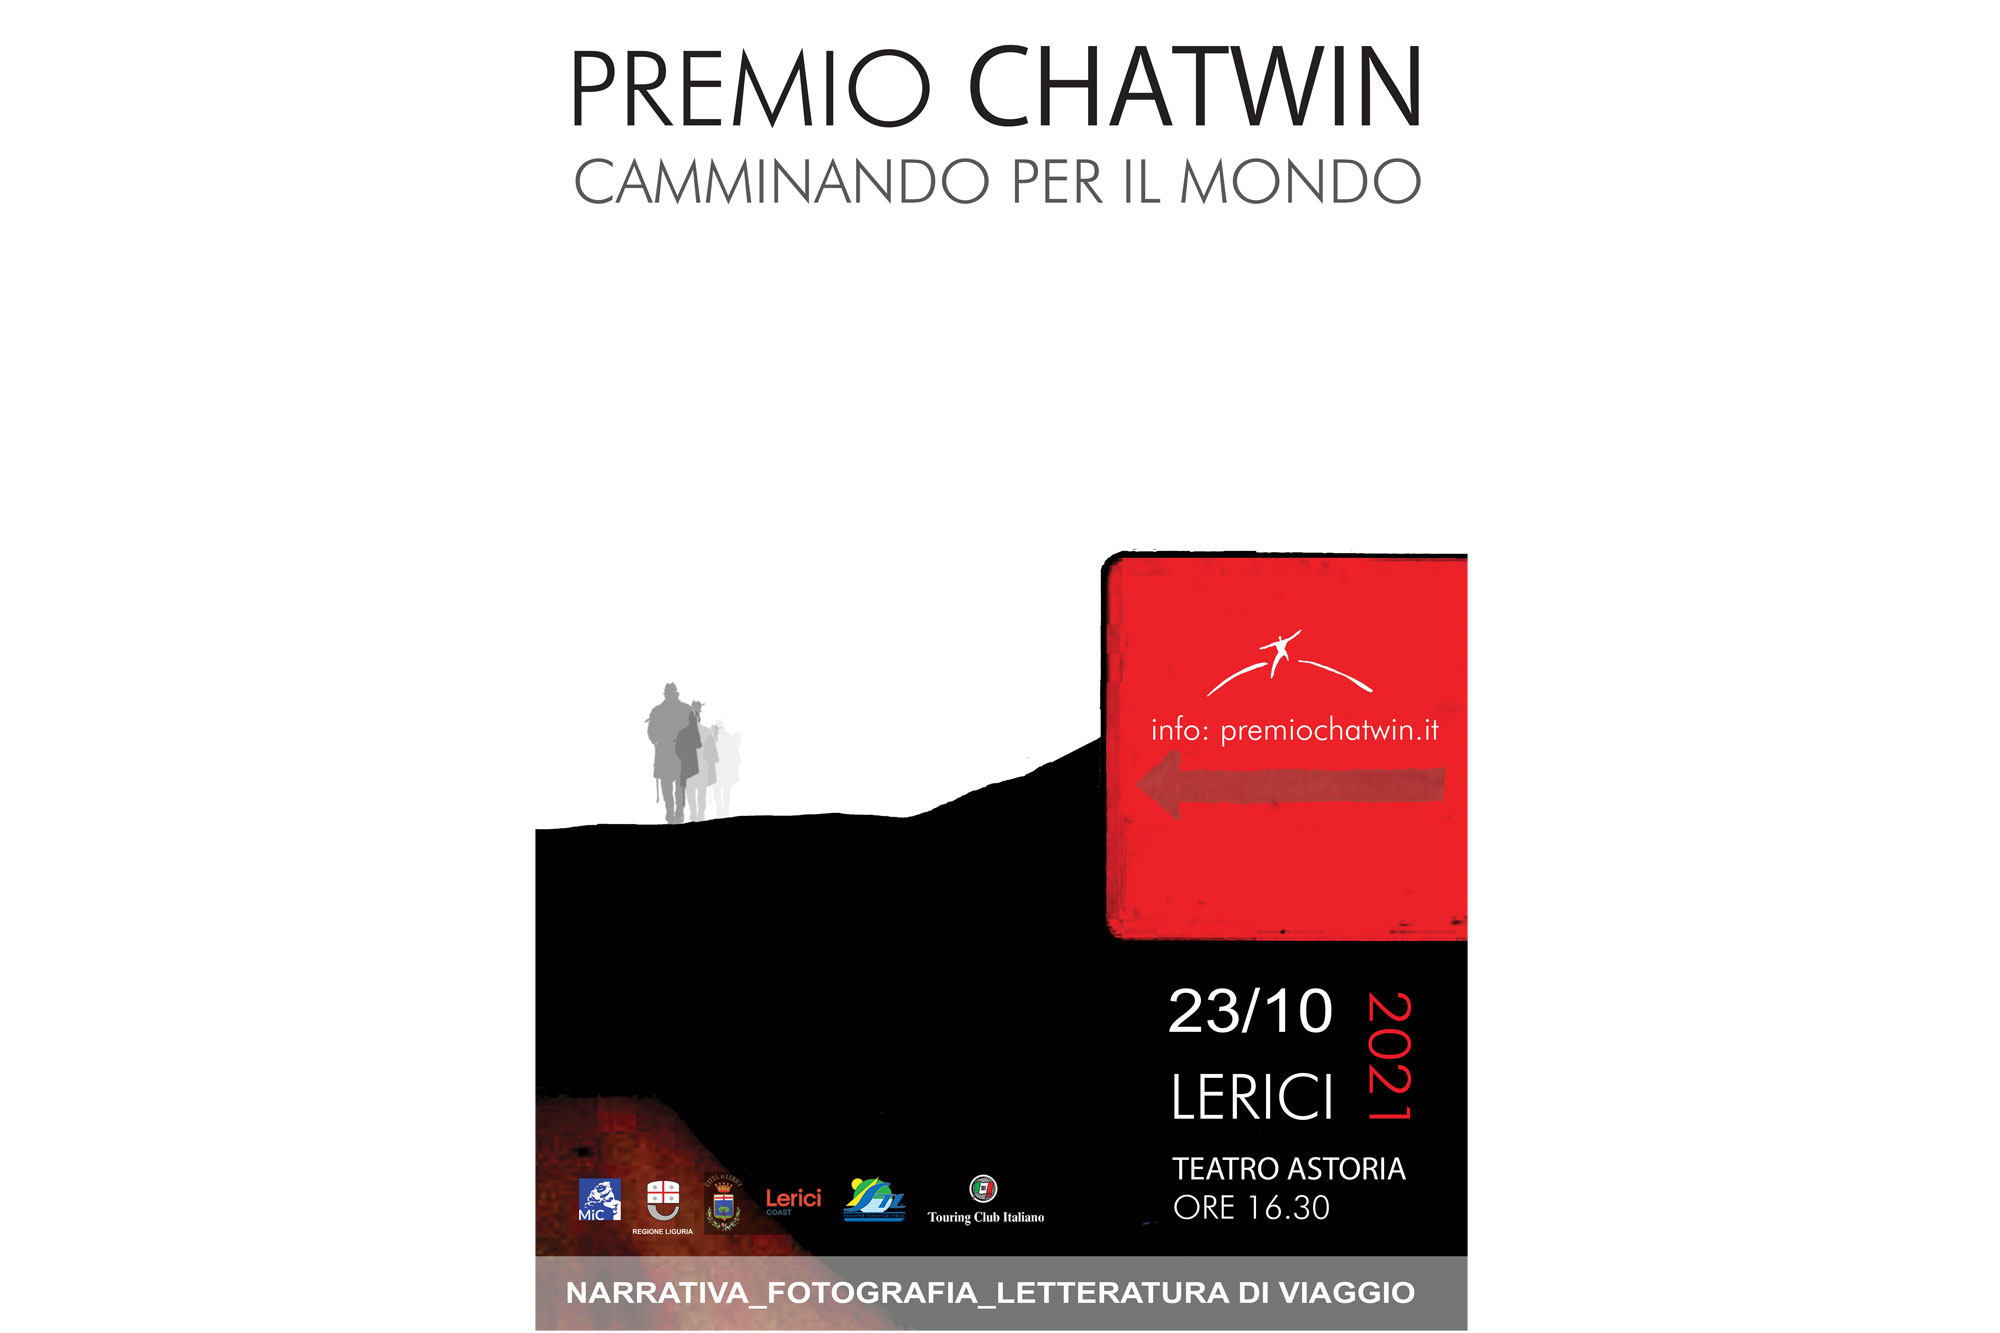 L'Associazione Culturale Chatwin ringrazia i numerosi concorrenti che hanno partecipato a questa nuova edizione del Premio Chatwin.